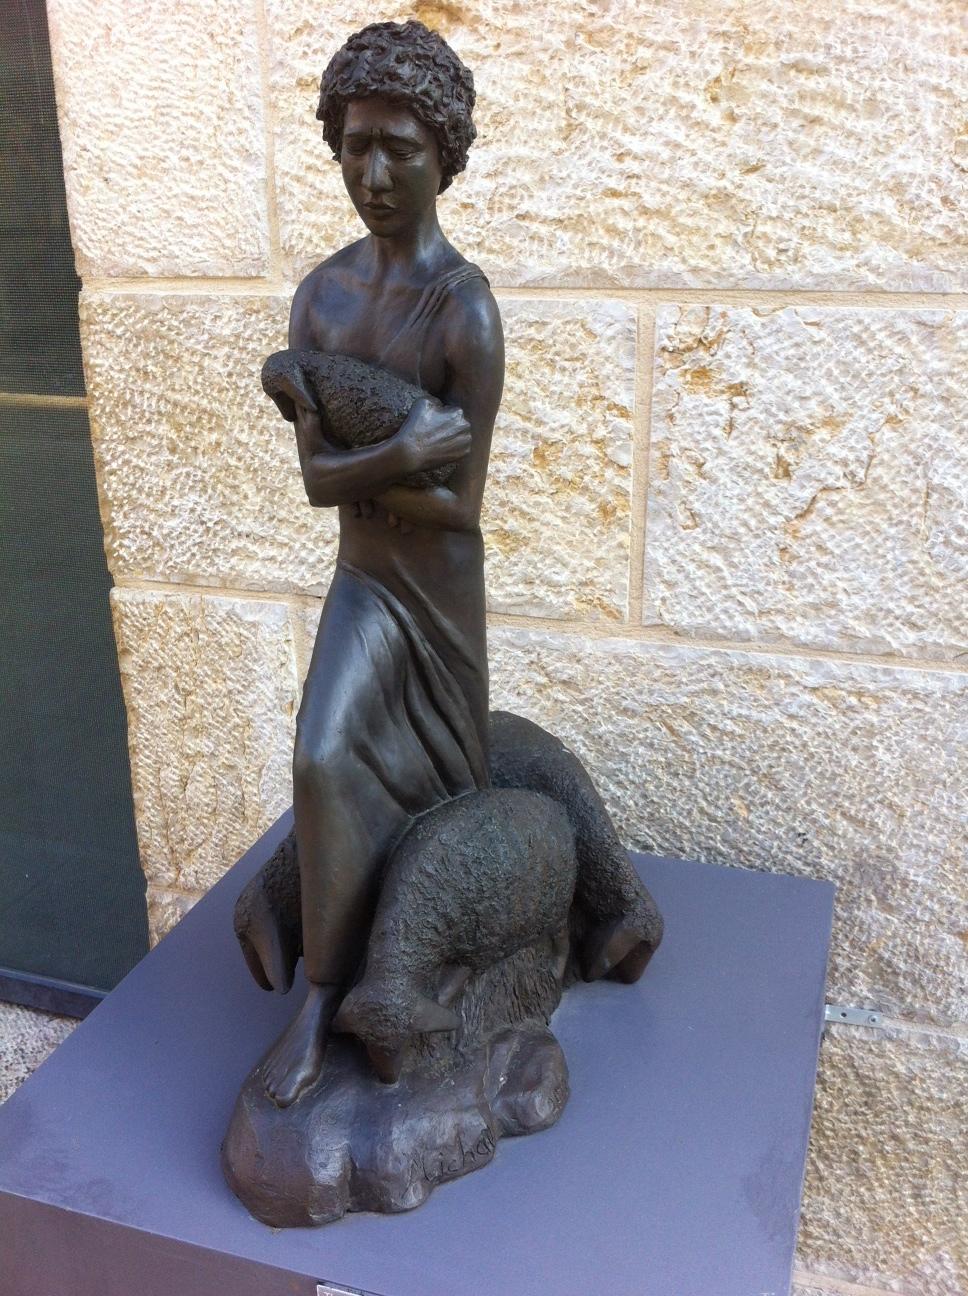 Jerusalem, Israel. August 2018